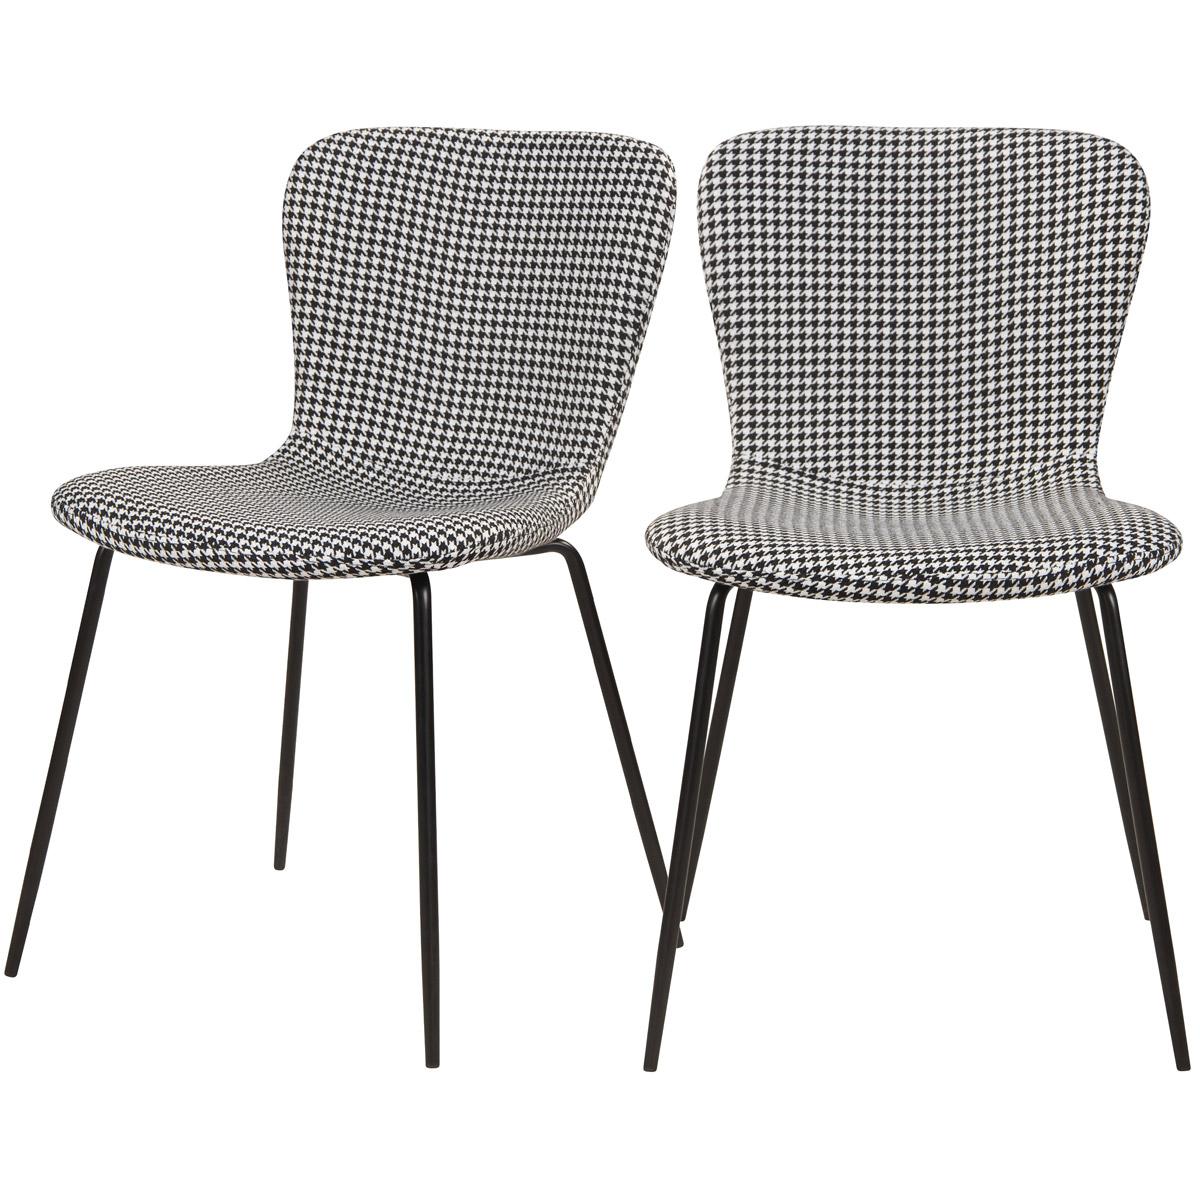 Chaise à motifs pied-de-poule et pieds en métal (lot de 2)